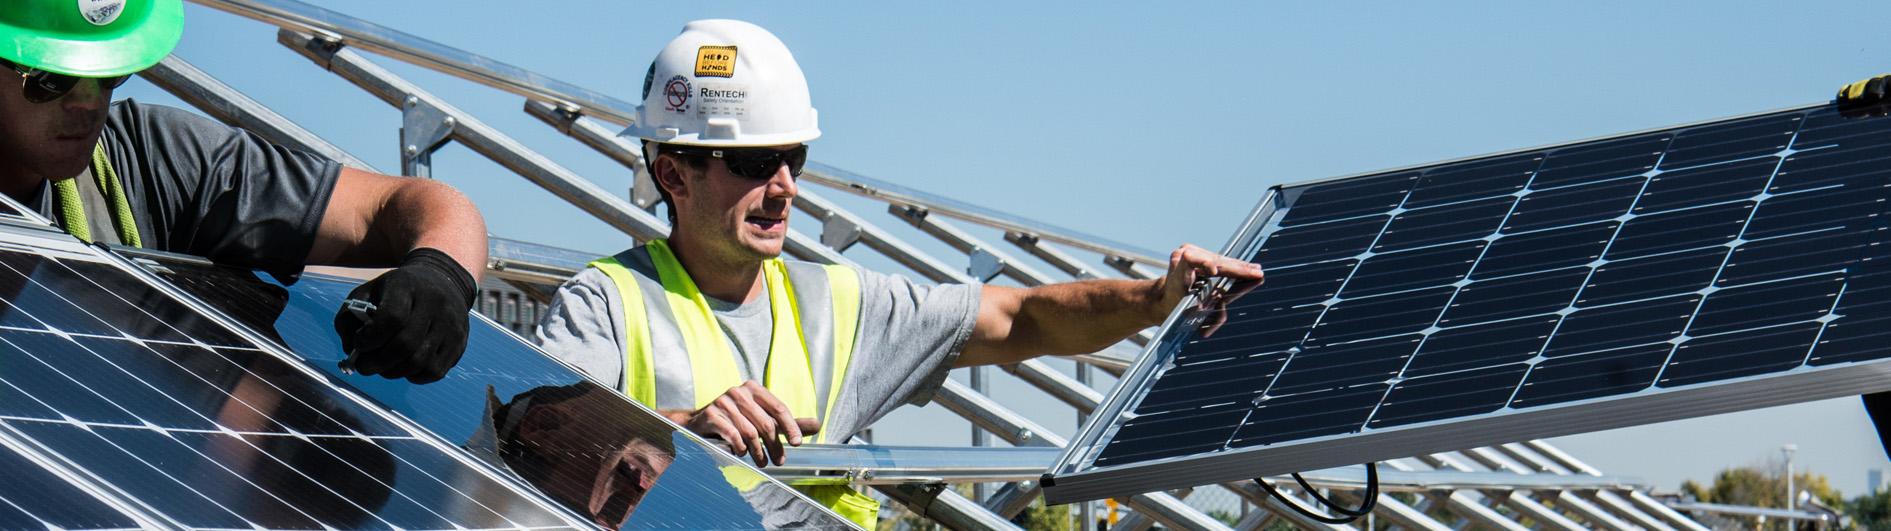 Solartechnik Photovoltaik in München